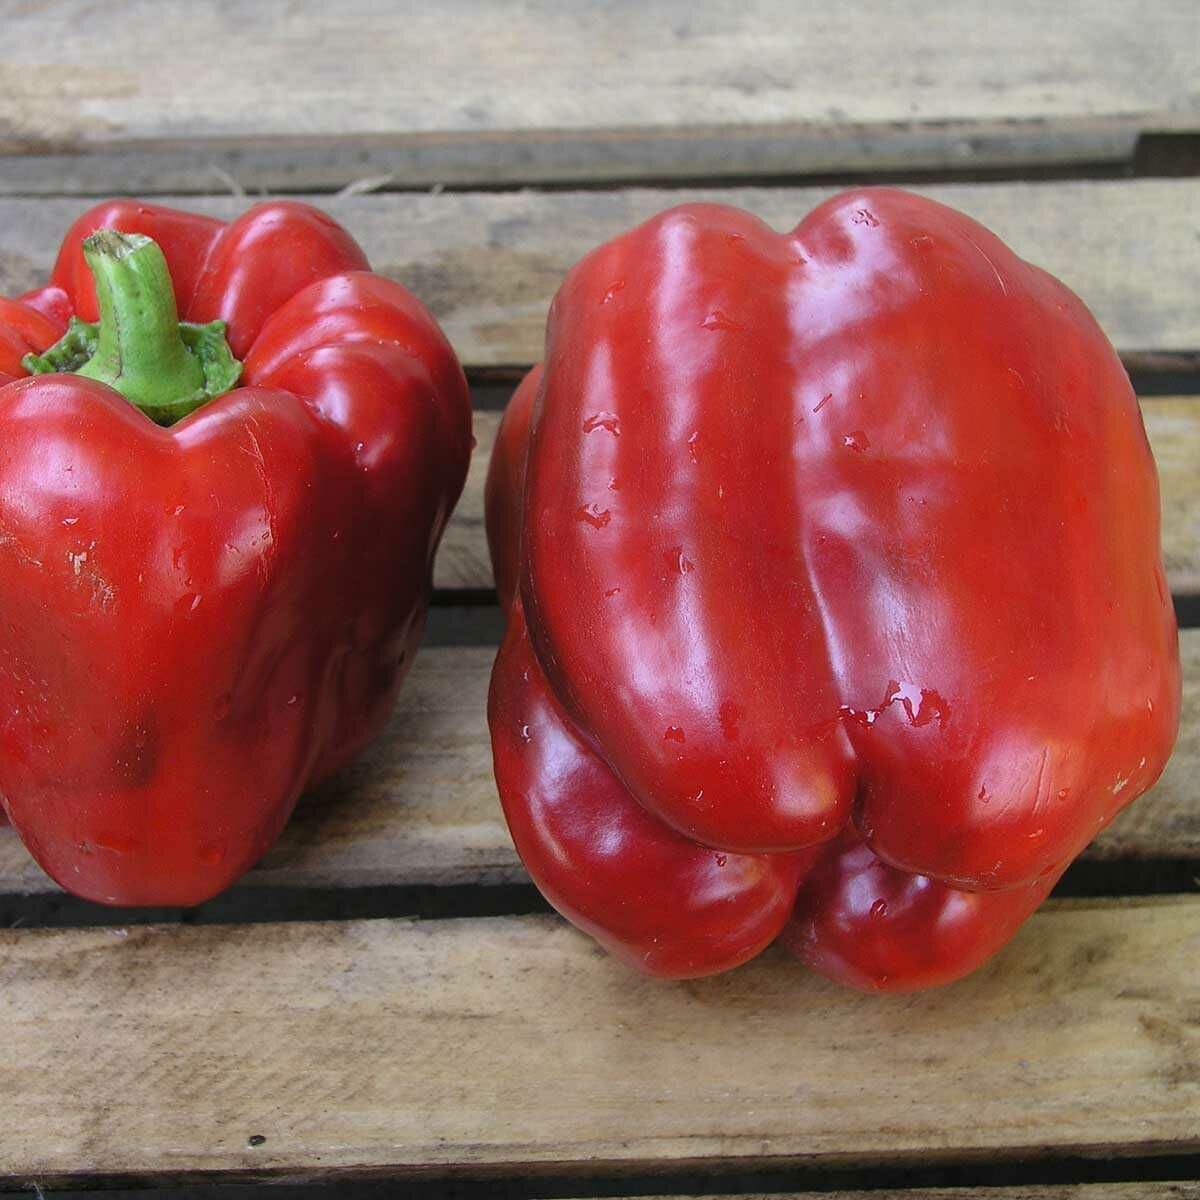 Перец клаудио − характеристика и описание сорта, фото, урожайность, достоинства и недостатки, отзывы